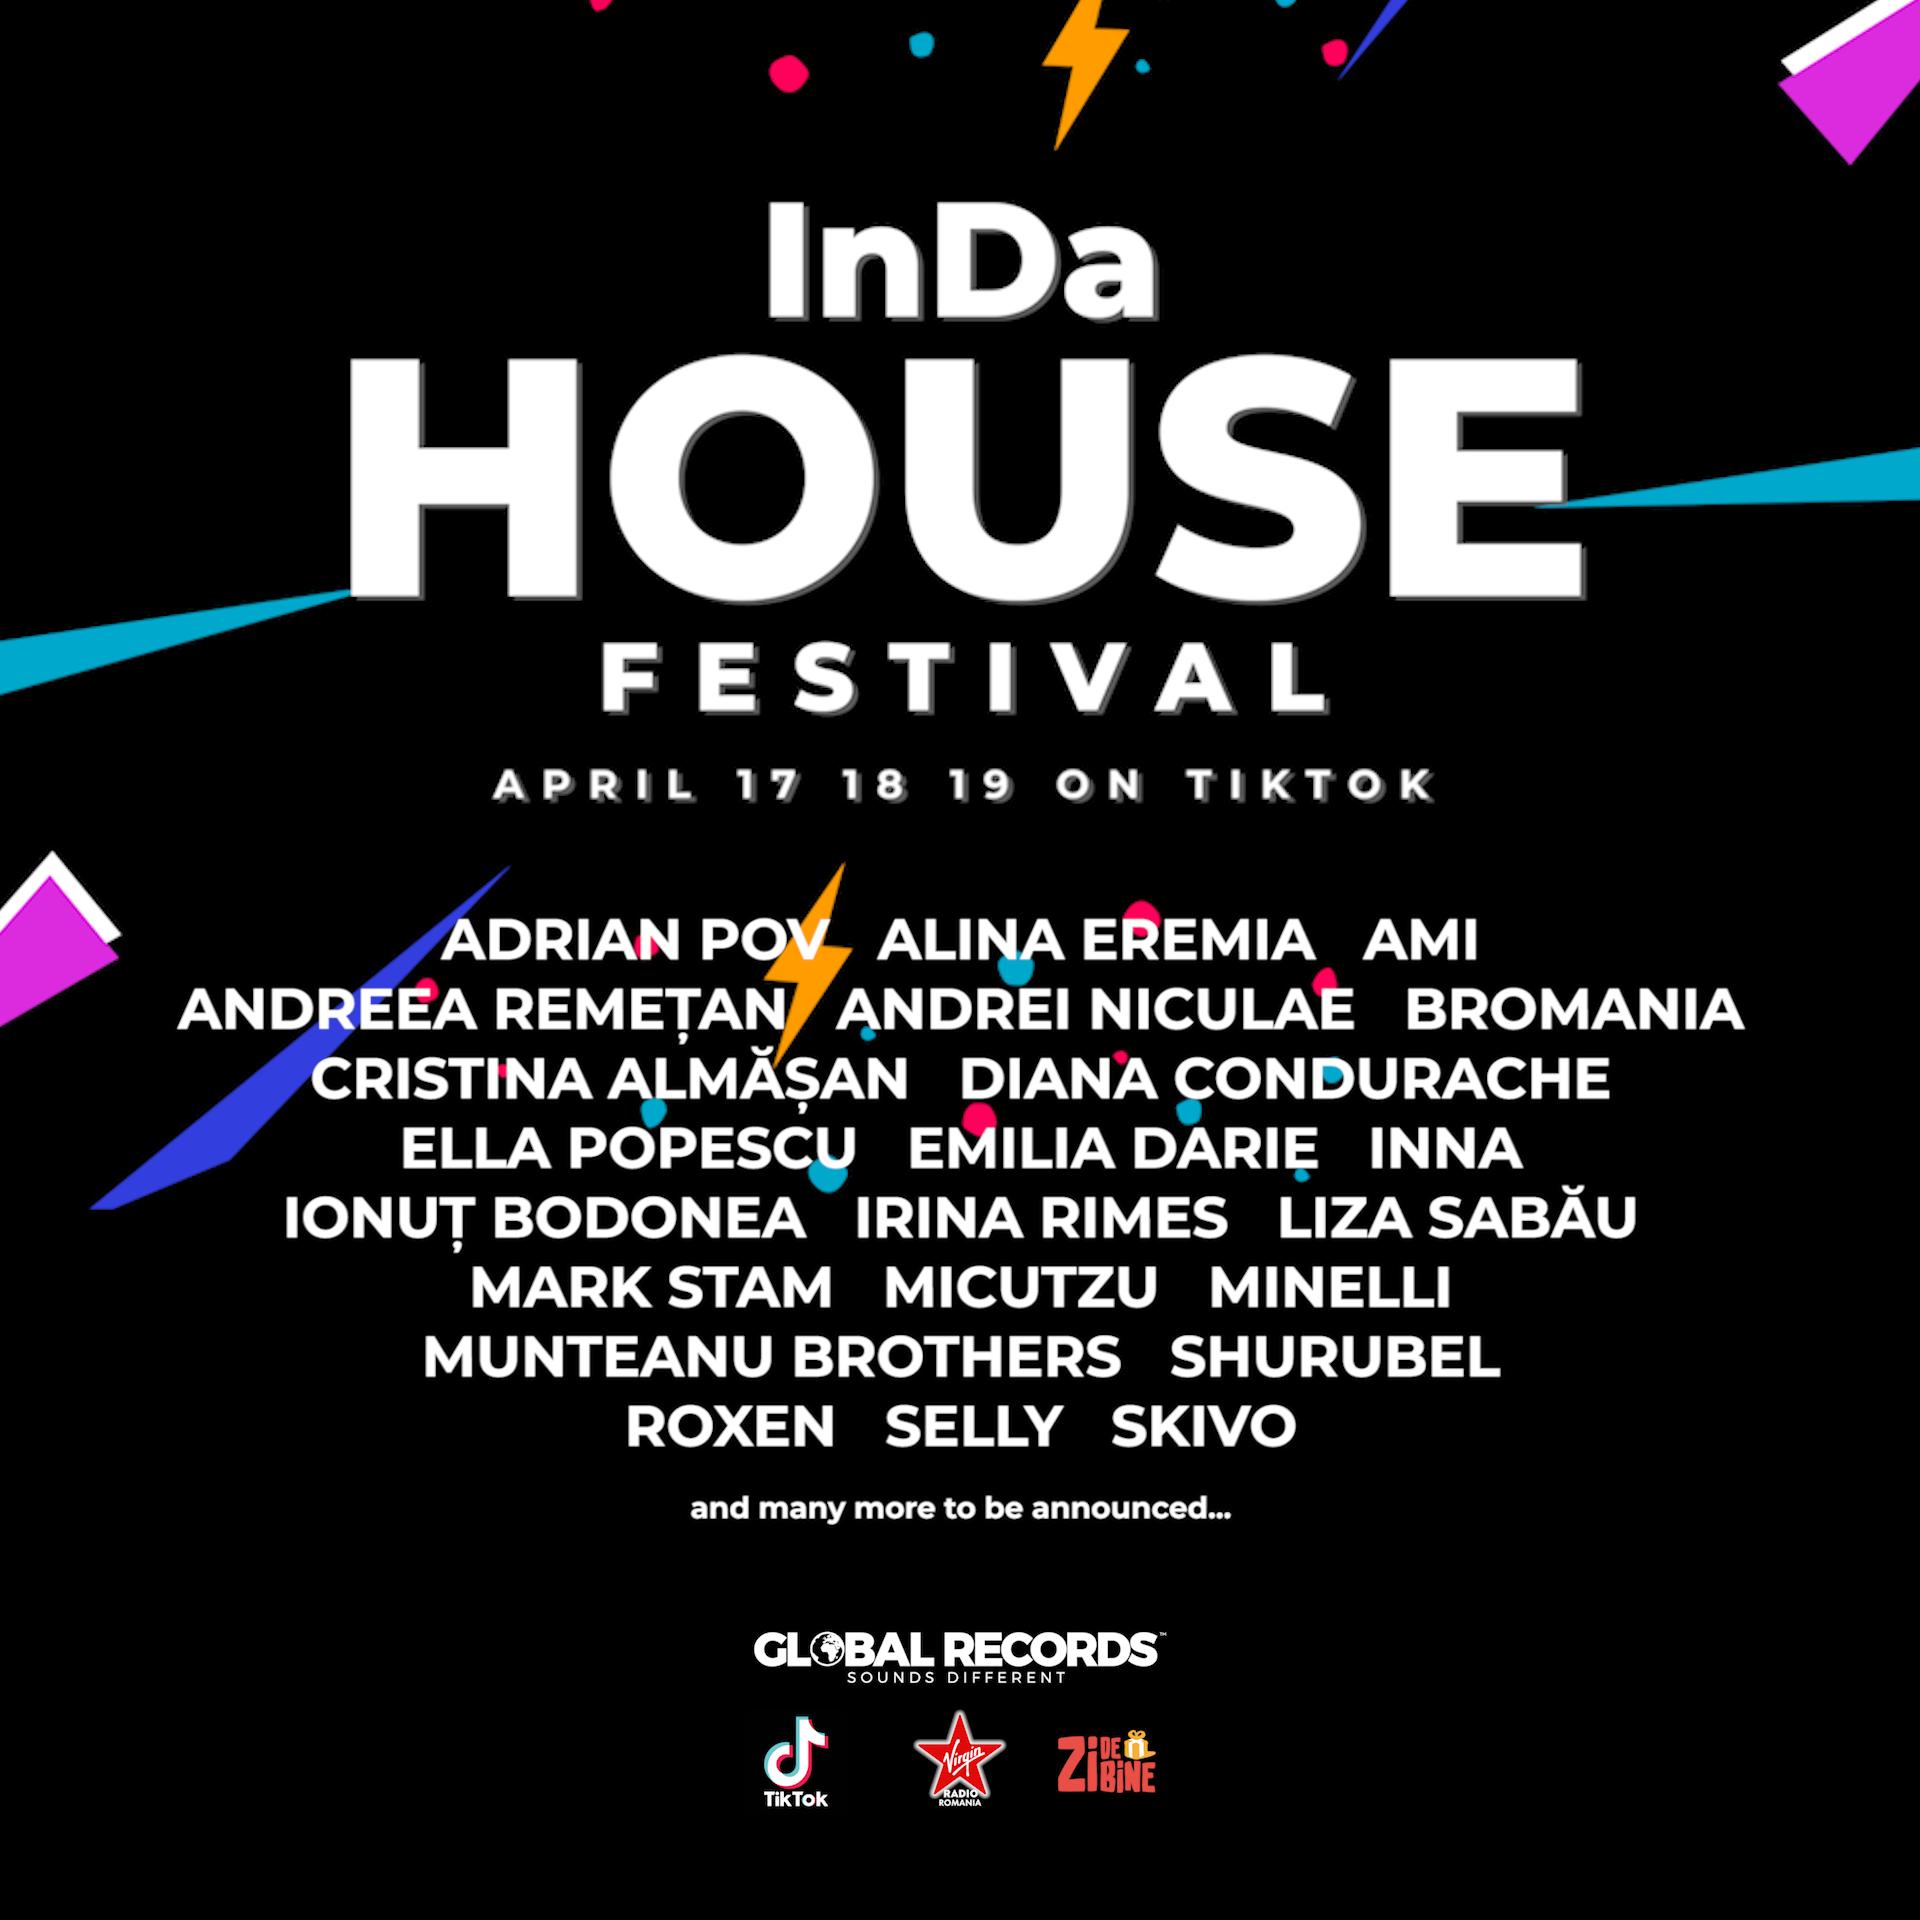 InDa House Festival